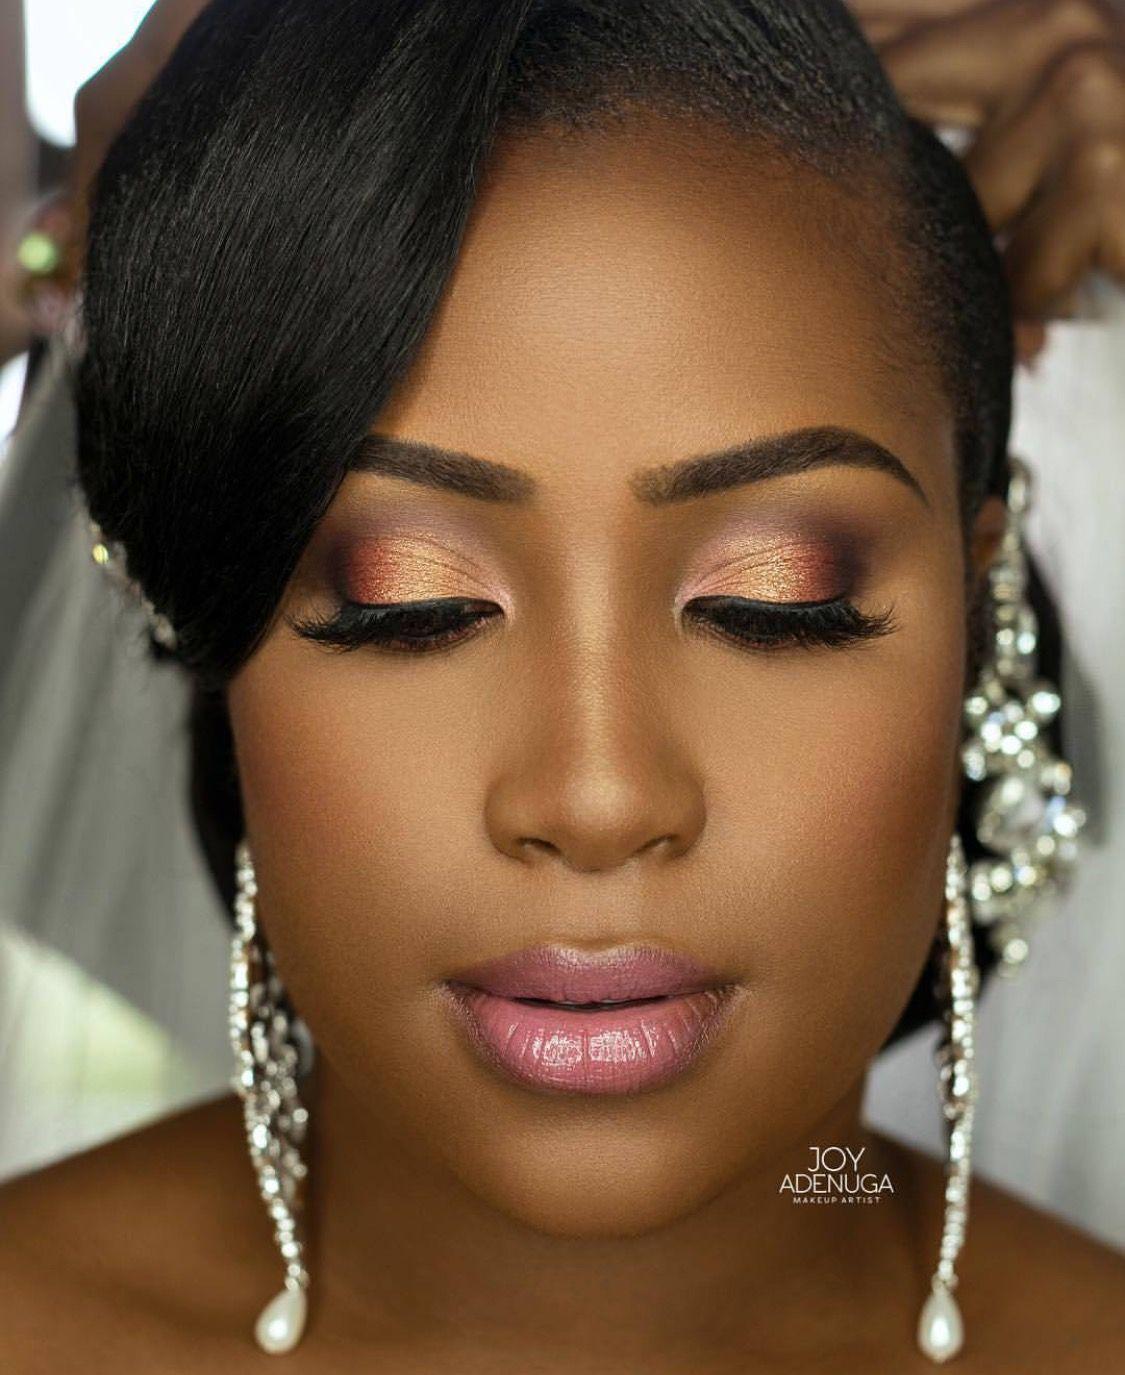 Makeup for black women Makeup for black women, Casual makeup